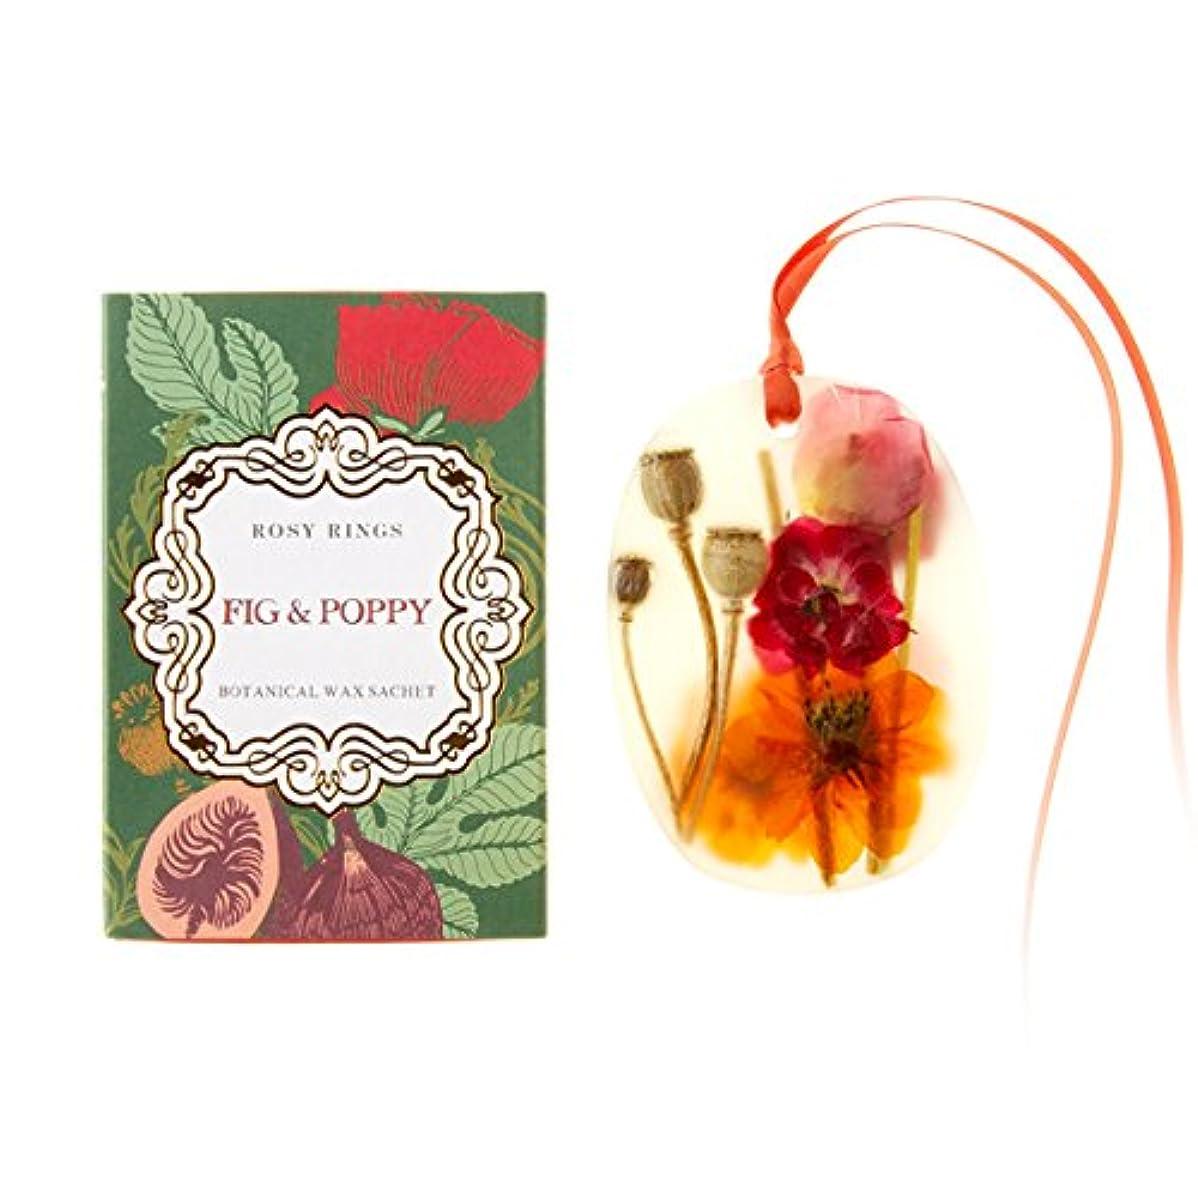 一緒敏感な期限ロージーリングス プティボタニカルサシェ フィグ&ポピー ROSY RINGS Petite Oval Botanical Wax Sachet Fig & Poppy